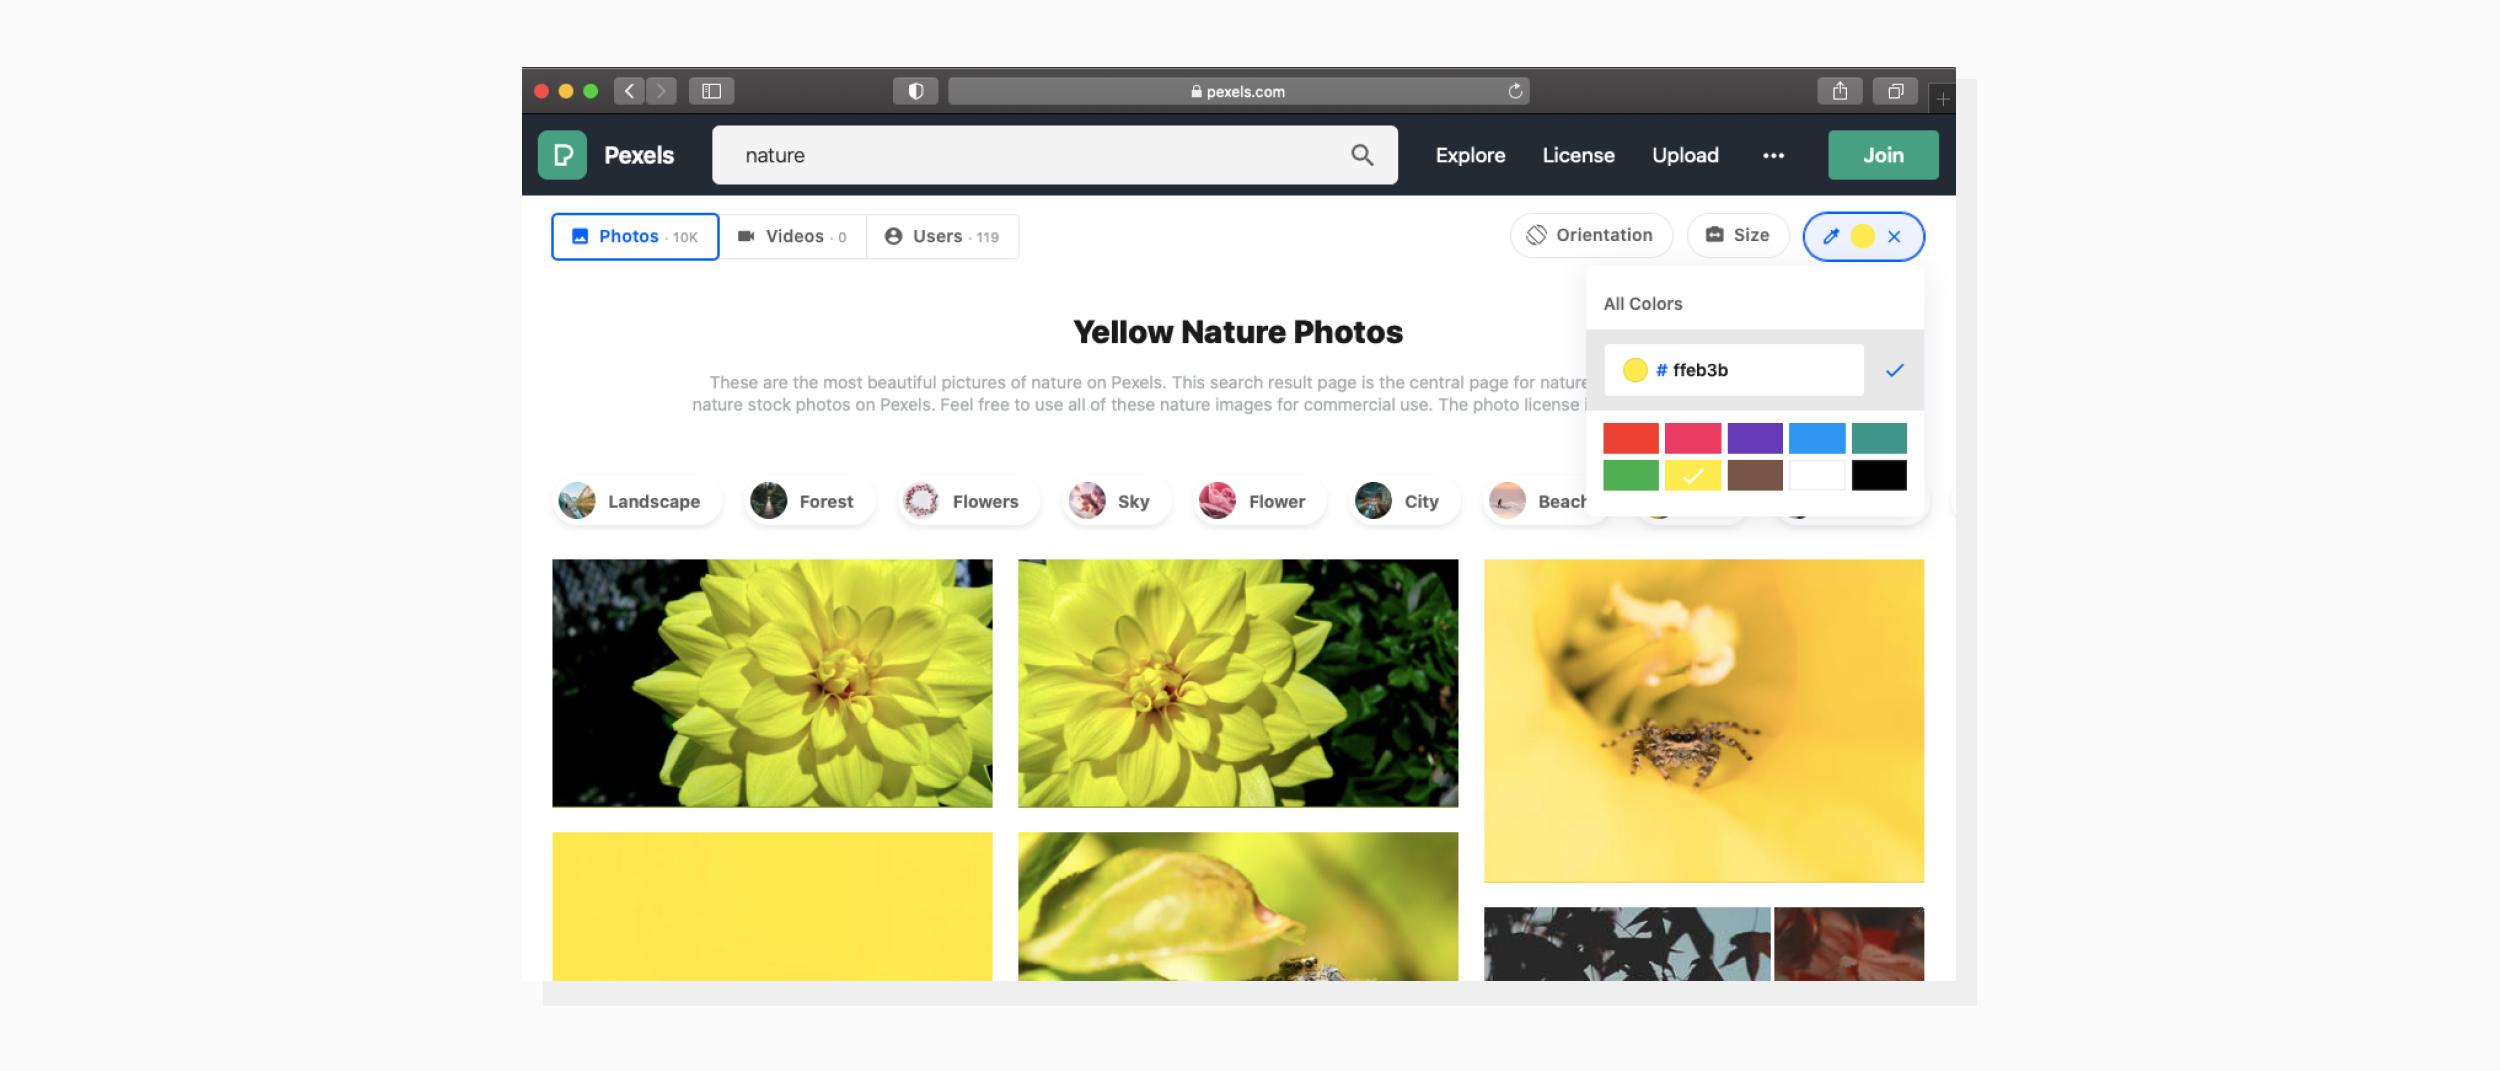 yellow nature photos